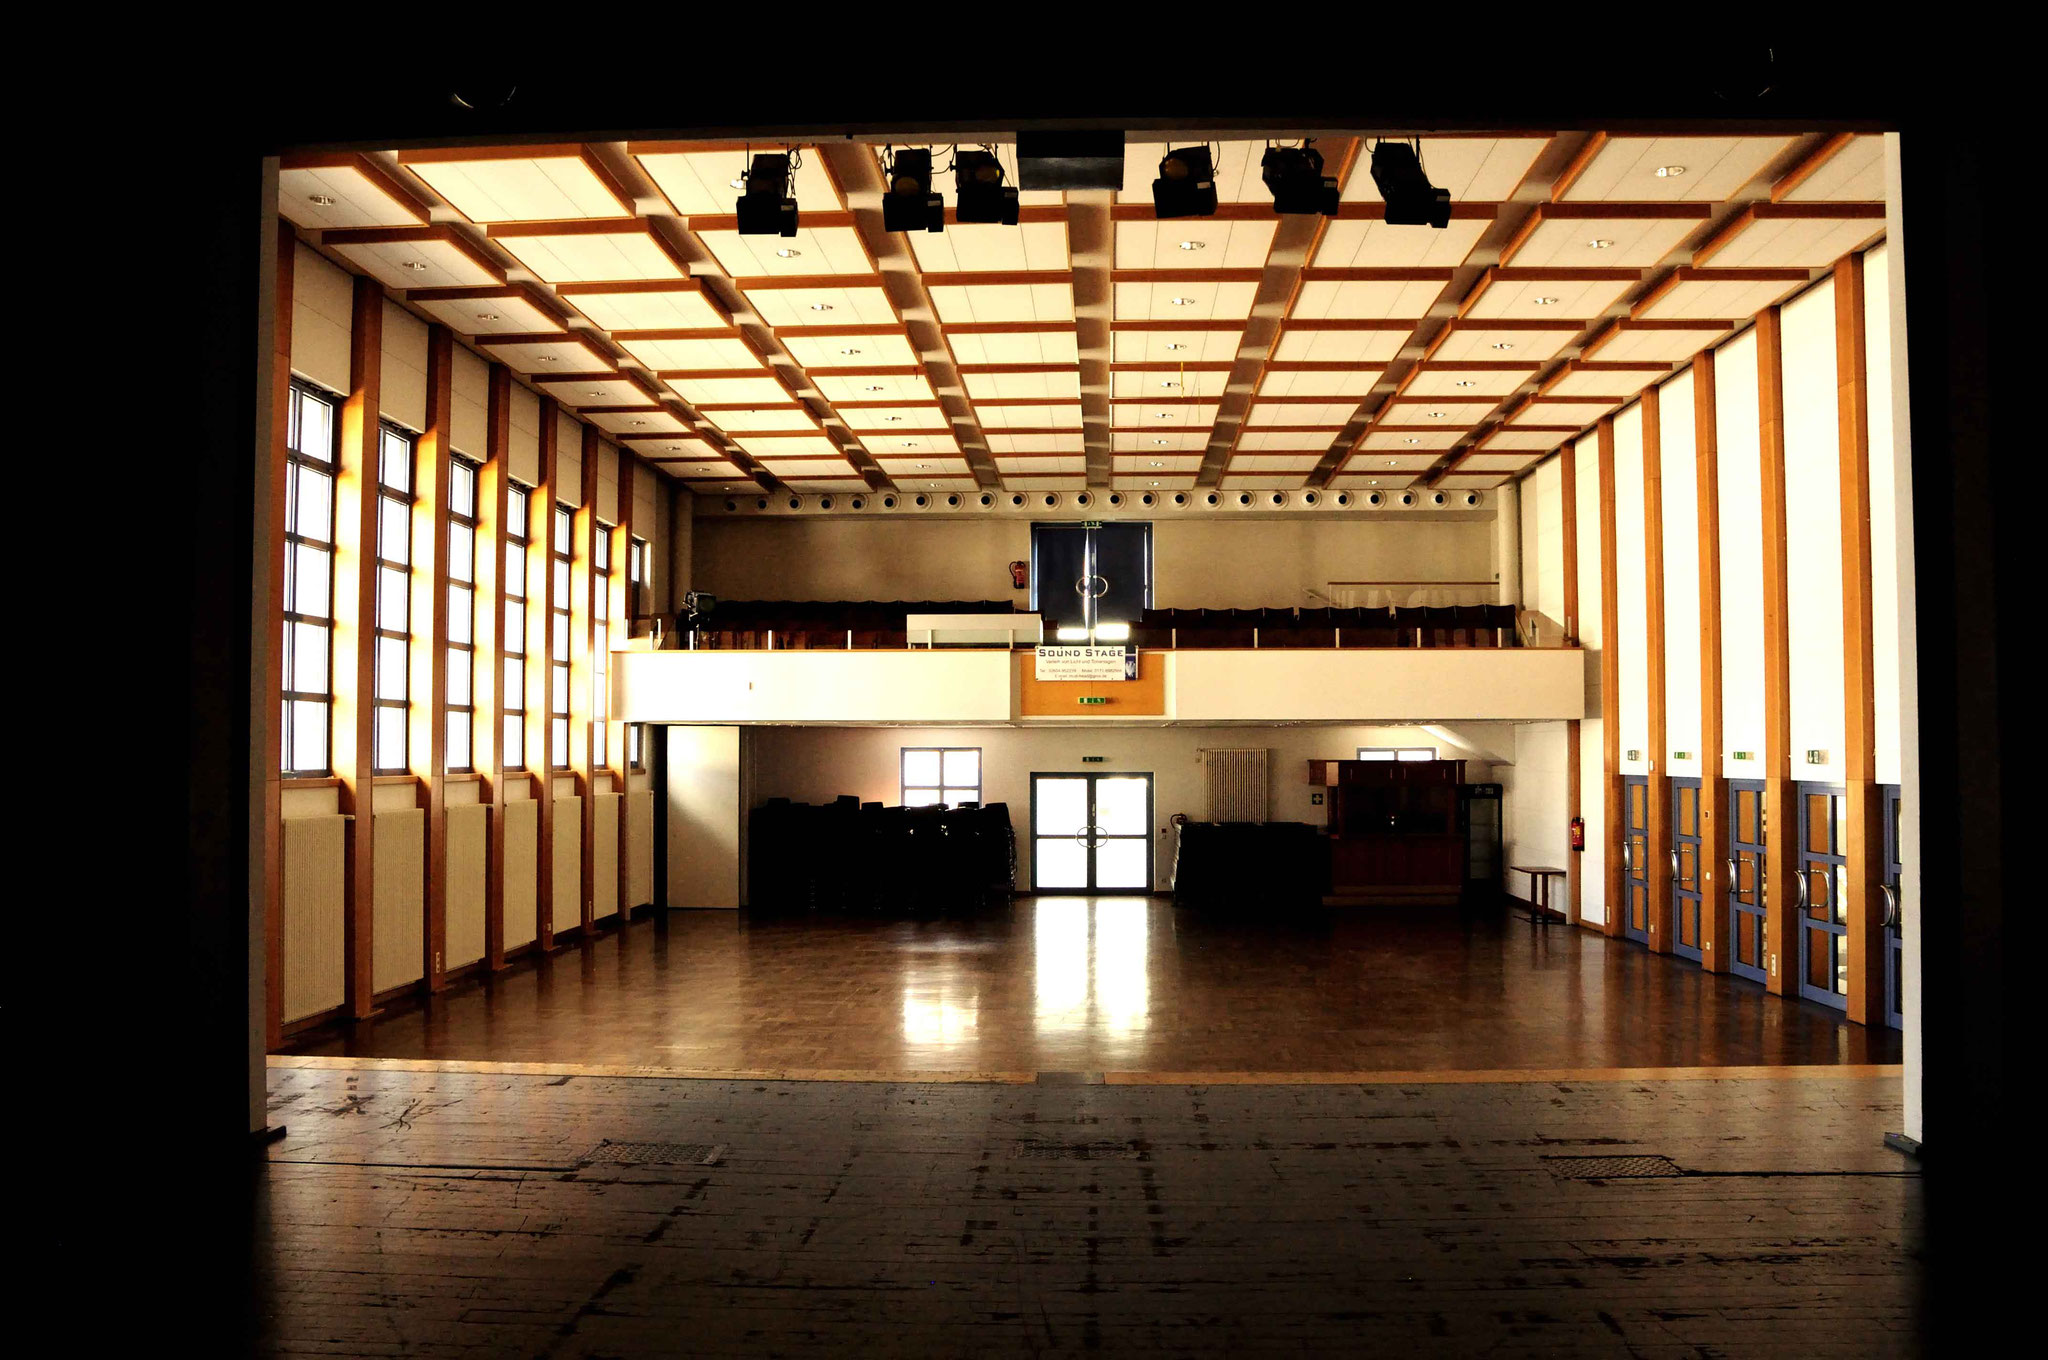 Stadthalle, großer Saal, Blick von der Bühne